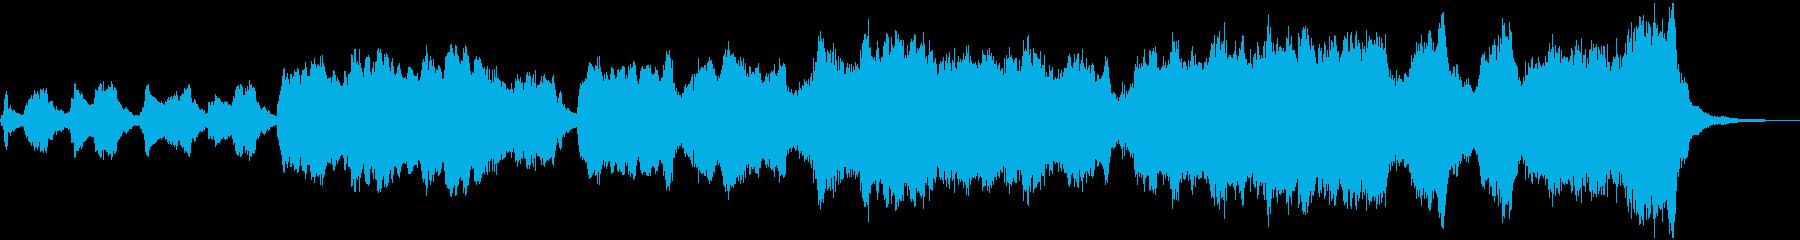 管弦楽による素朴なワルツの再生済みの波形